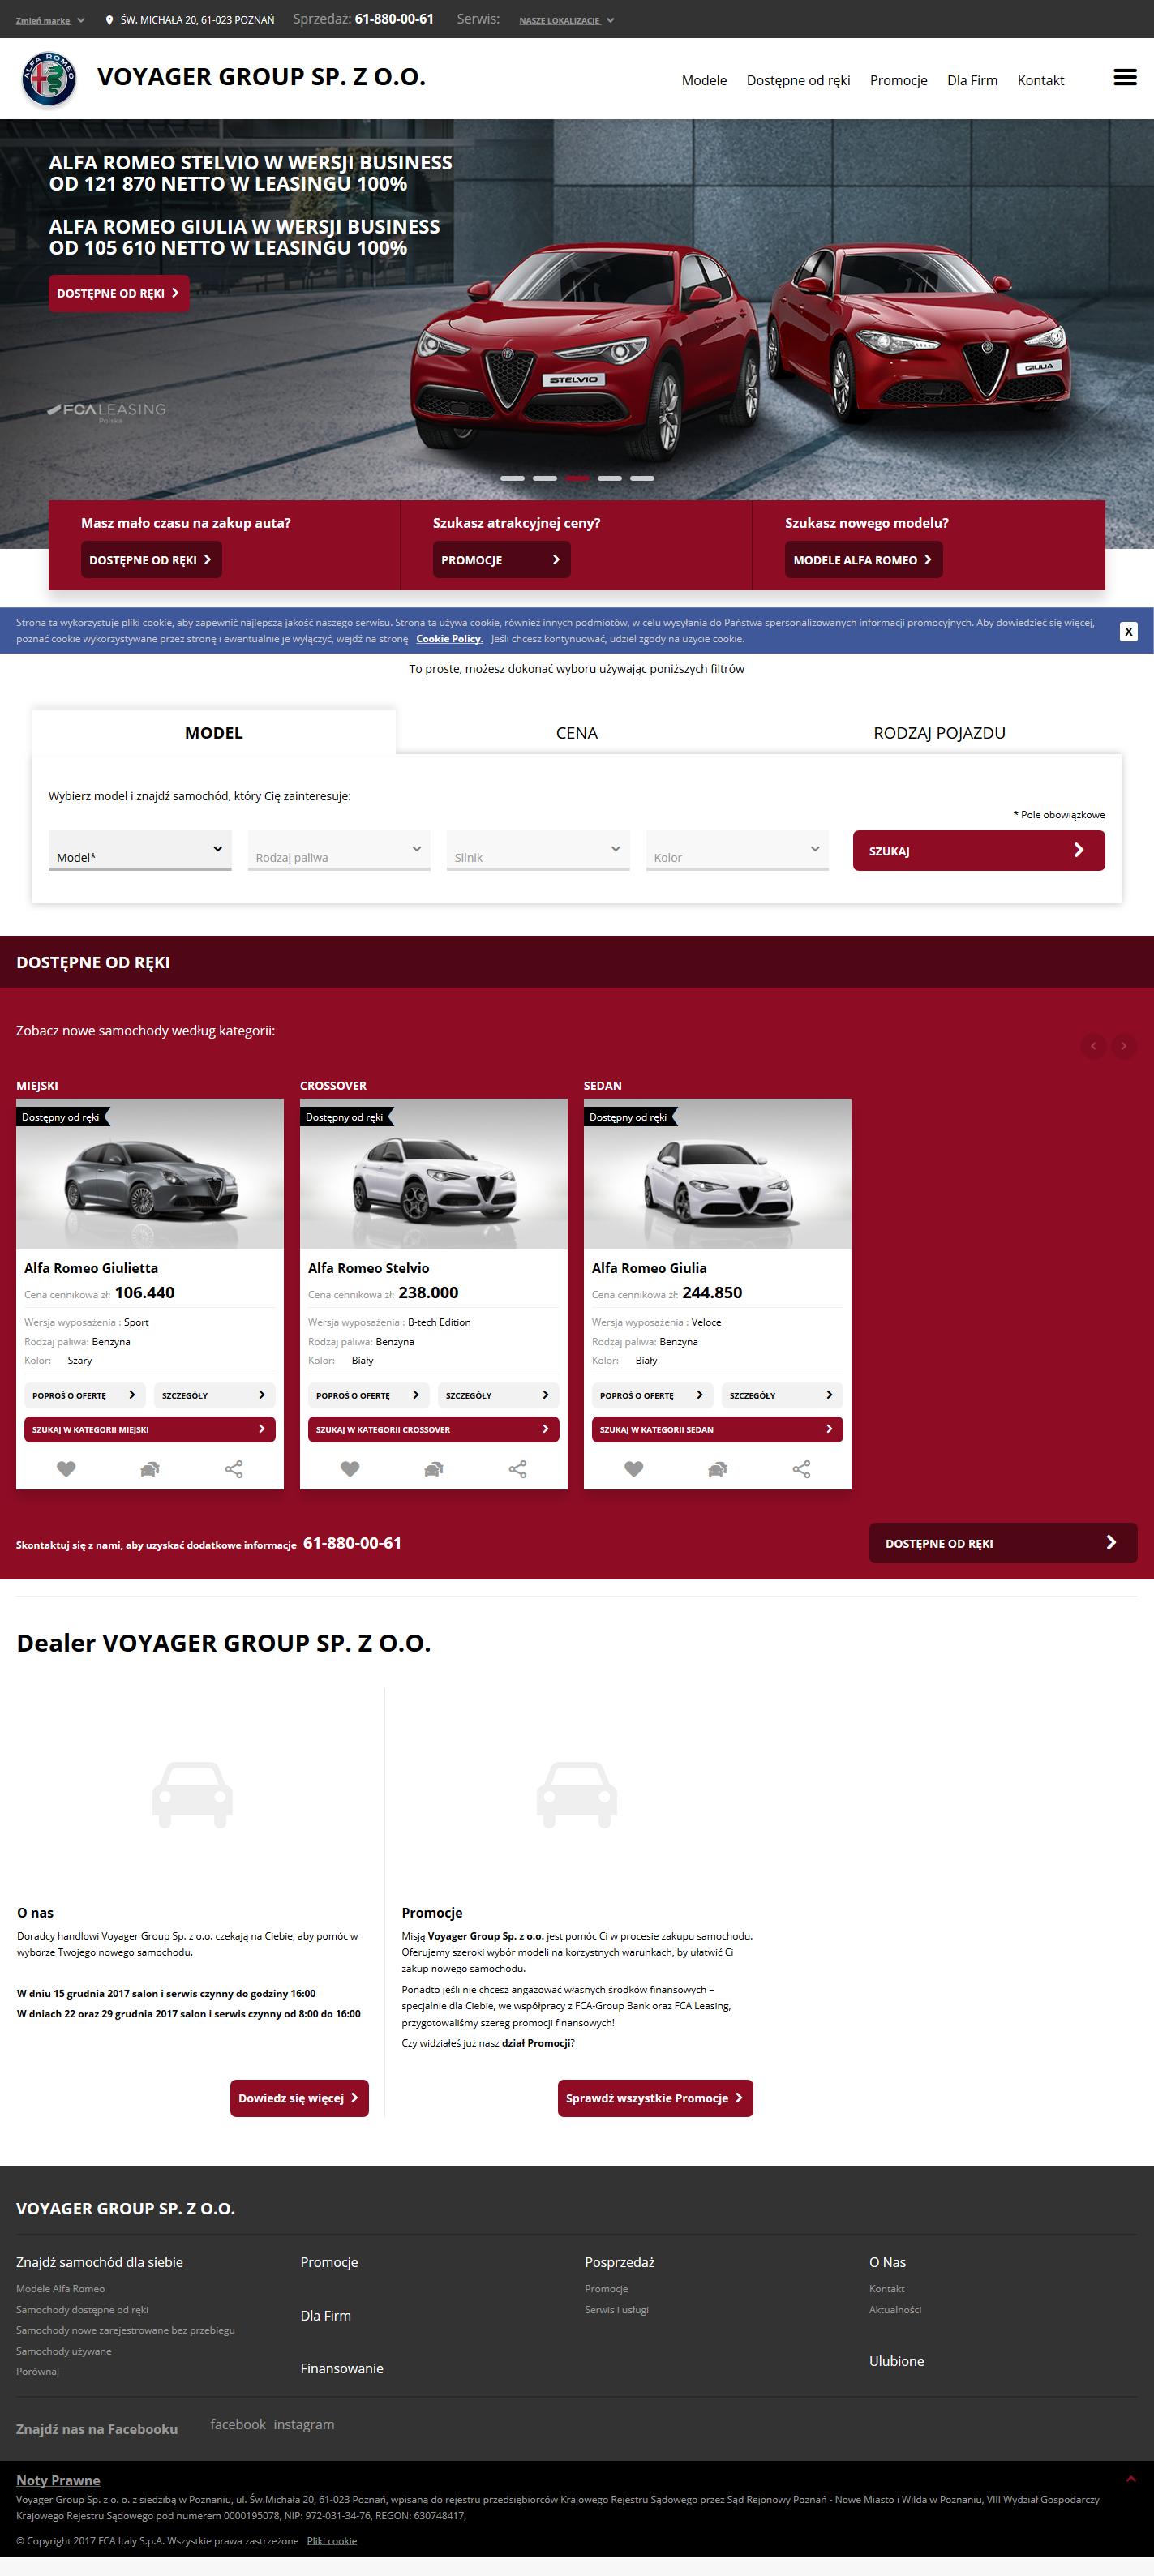 VOYAGER GROUP SP Z O O - Oficjalny dealer Alfa Romeo